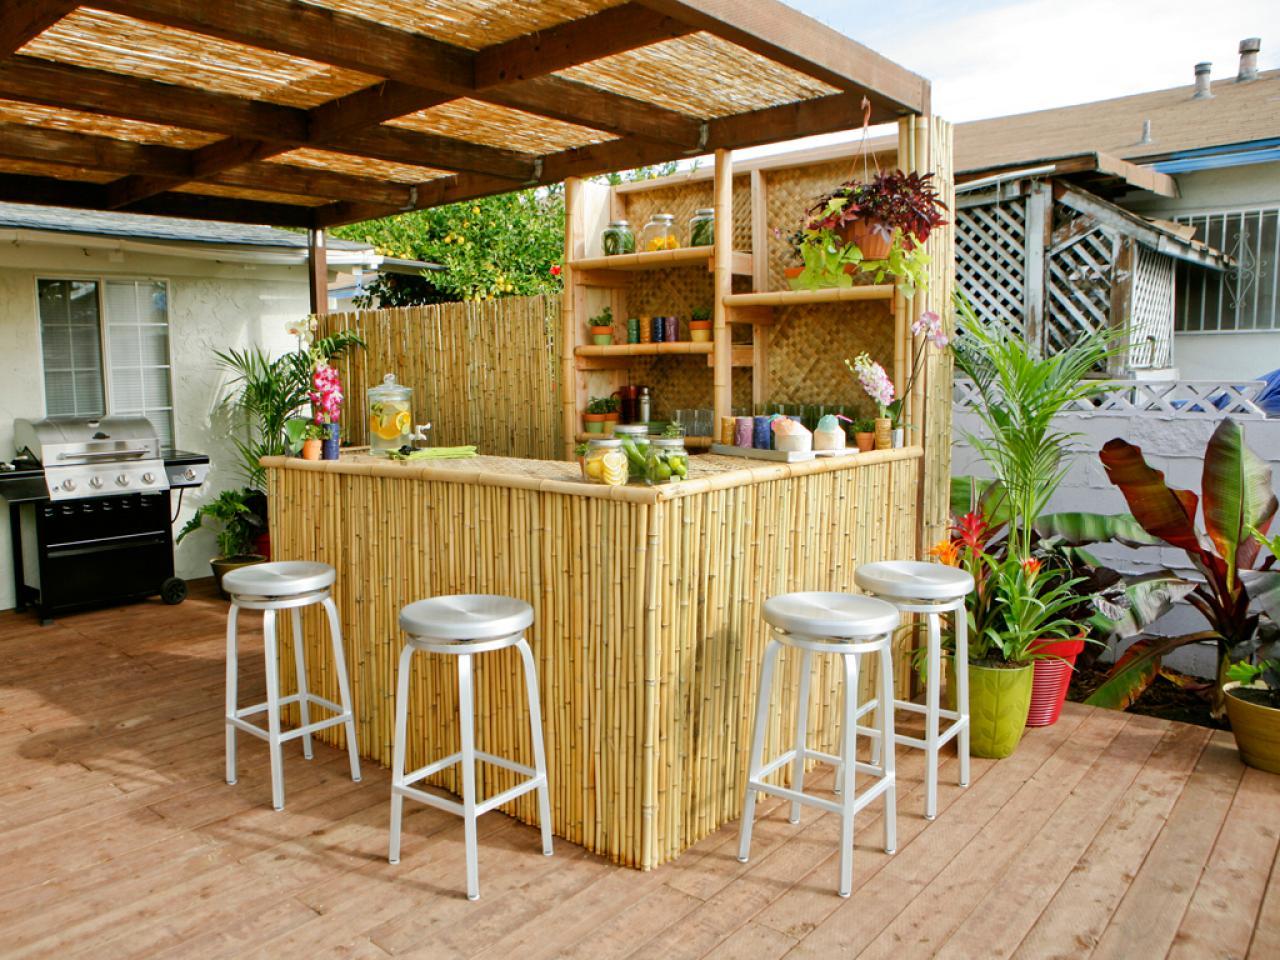 outdoor bar ideas outdoor kitchen bar ideas QLUWIRN